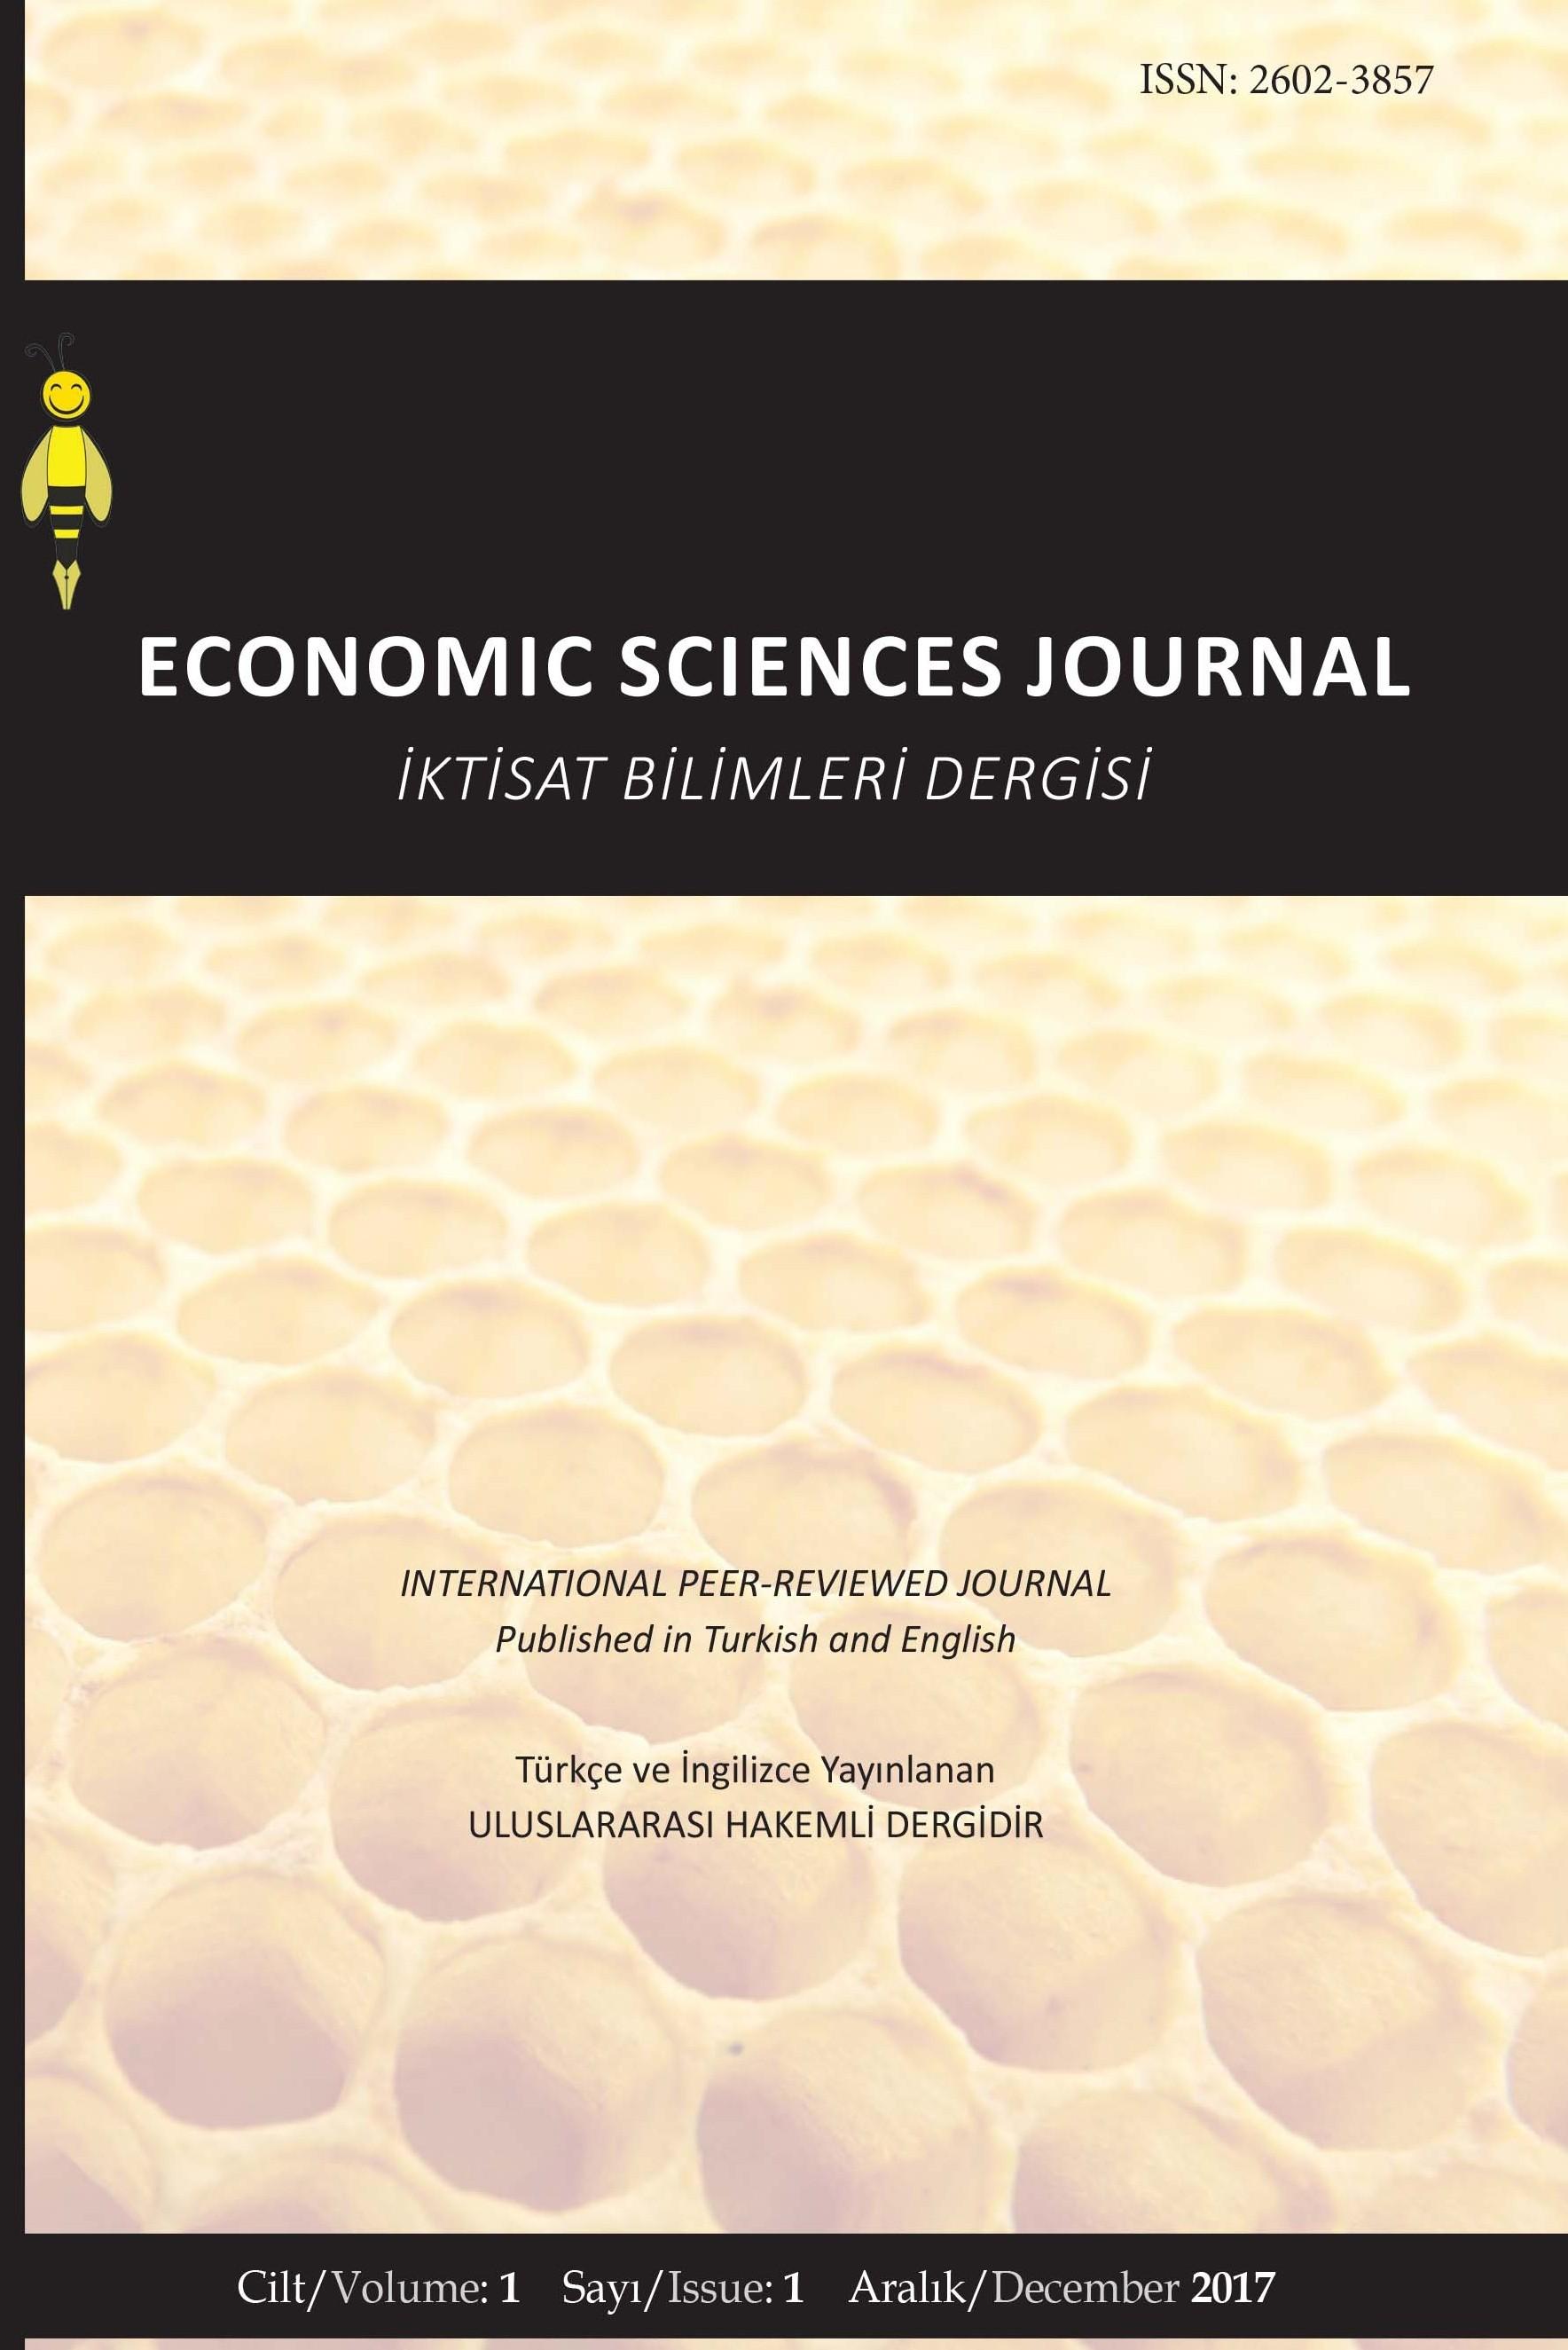 Economic Sciences Journal